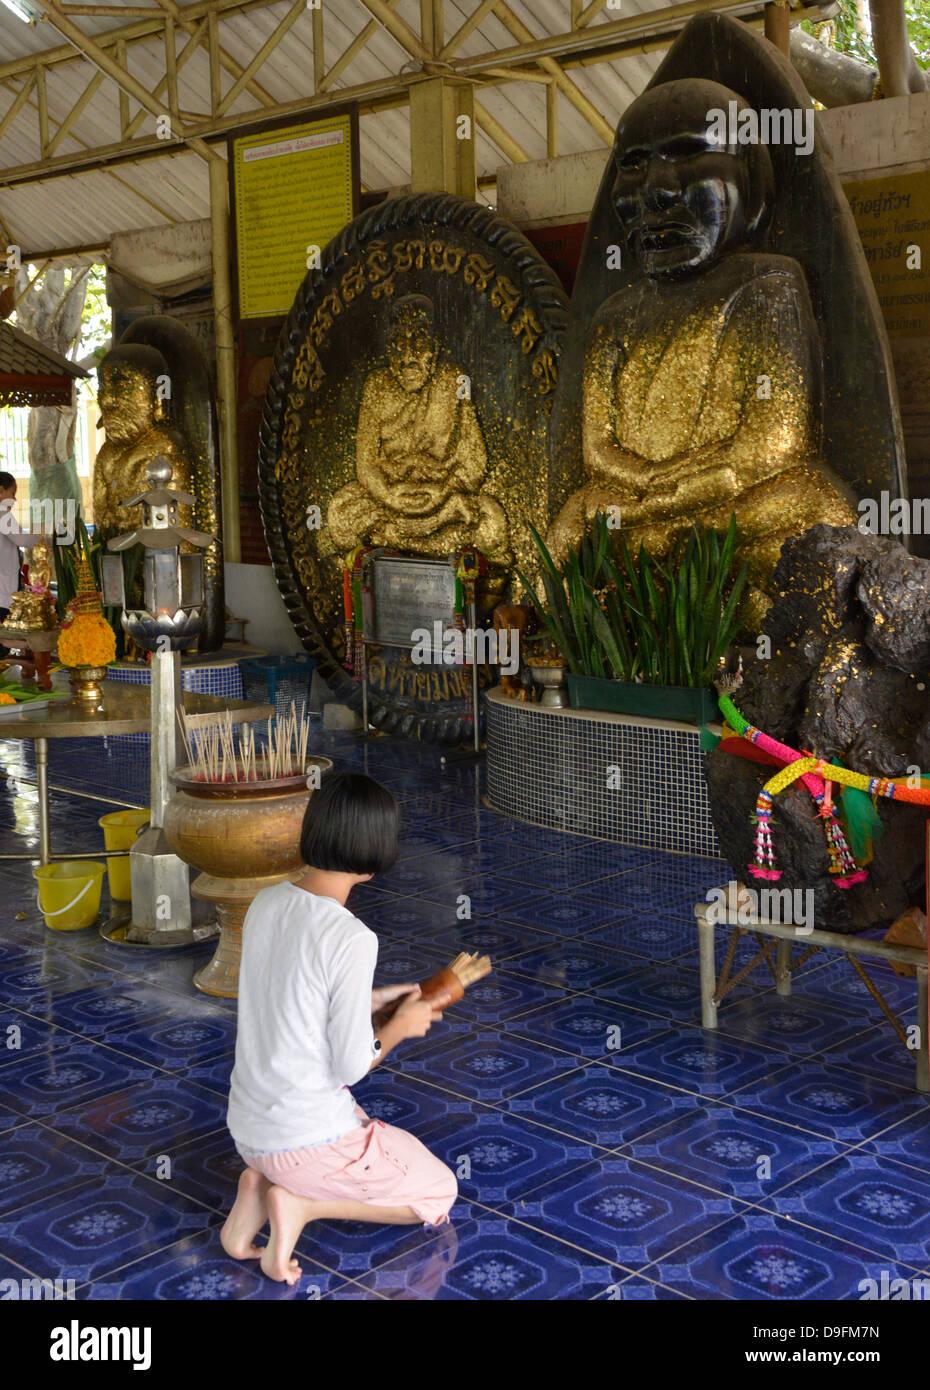 Wat Huay Monkol, un lieu de pèlerinage et une attraction touristique près de Hua Hin, Thaïlande, Asie du Sud-Est Banque D'Images